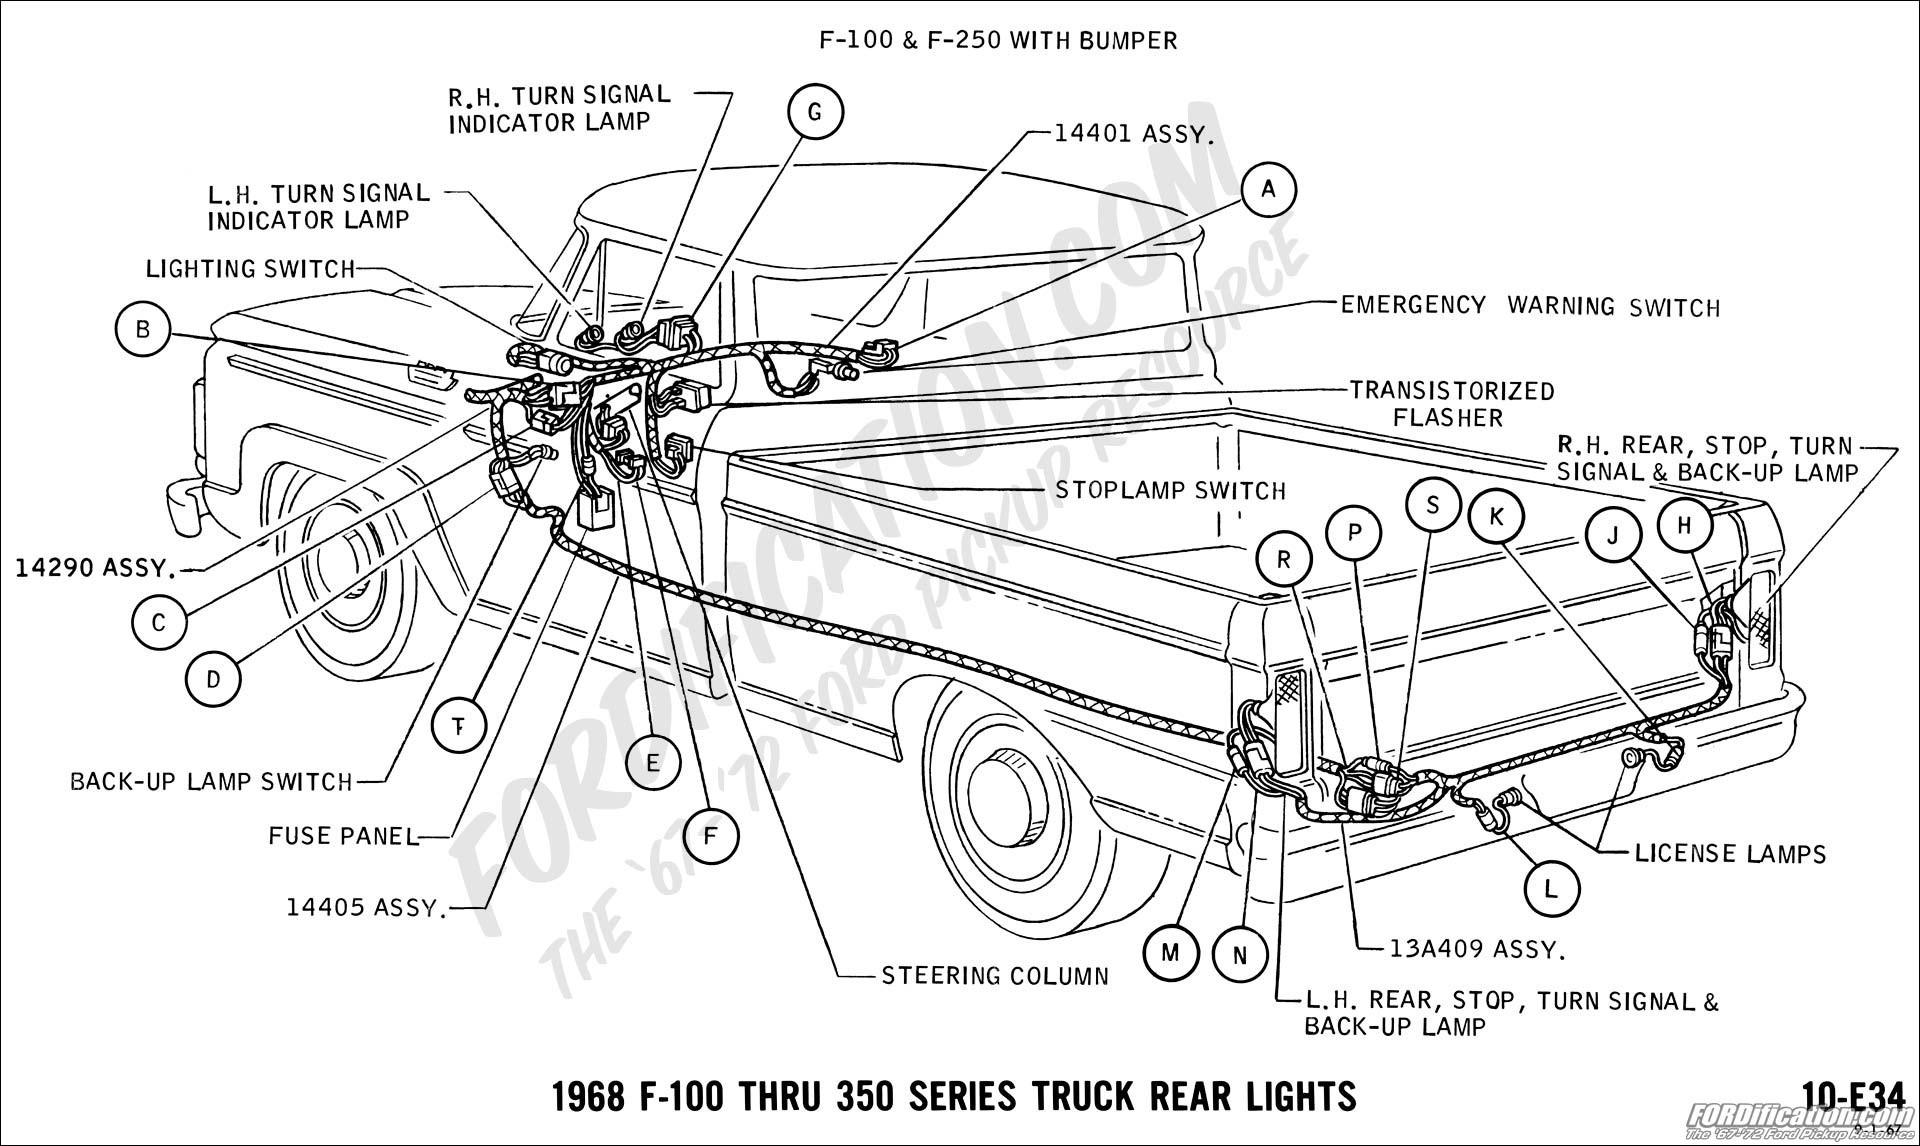 Ford F250 Parts Diagram 1999 Truck Wiring Data Schematics Of